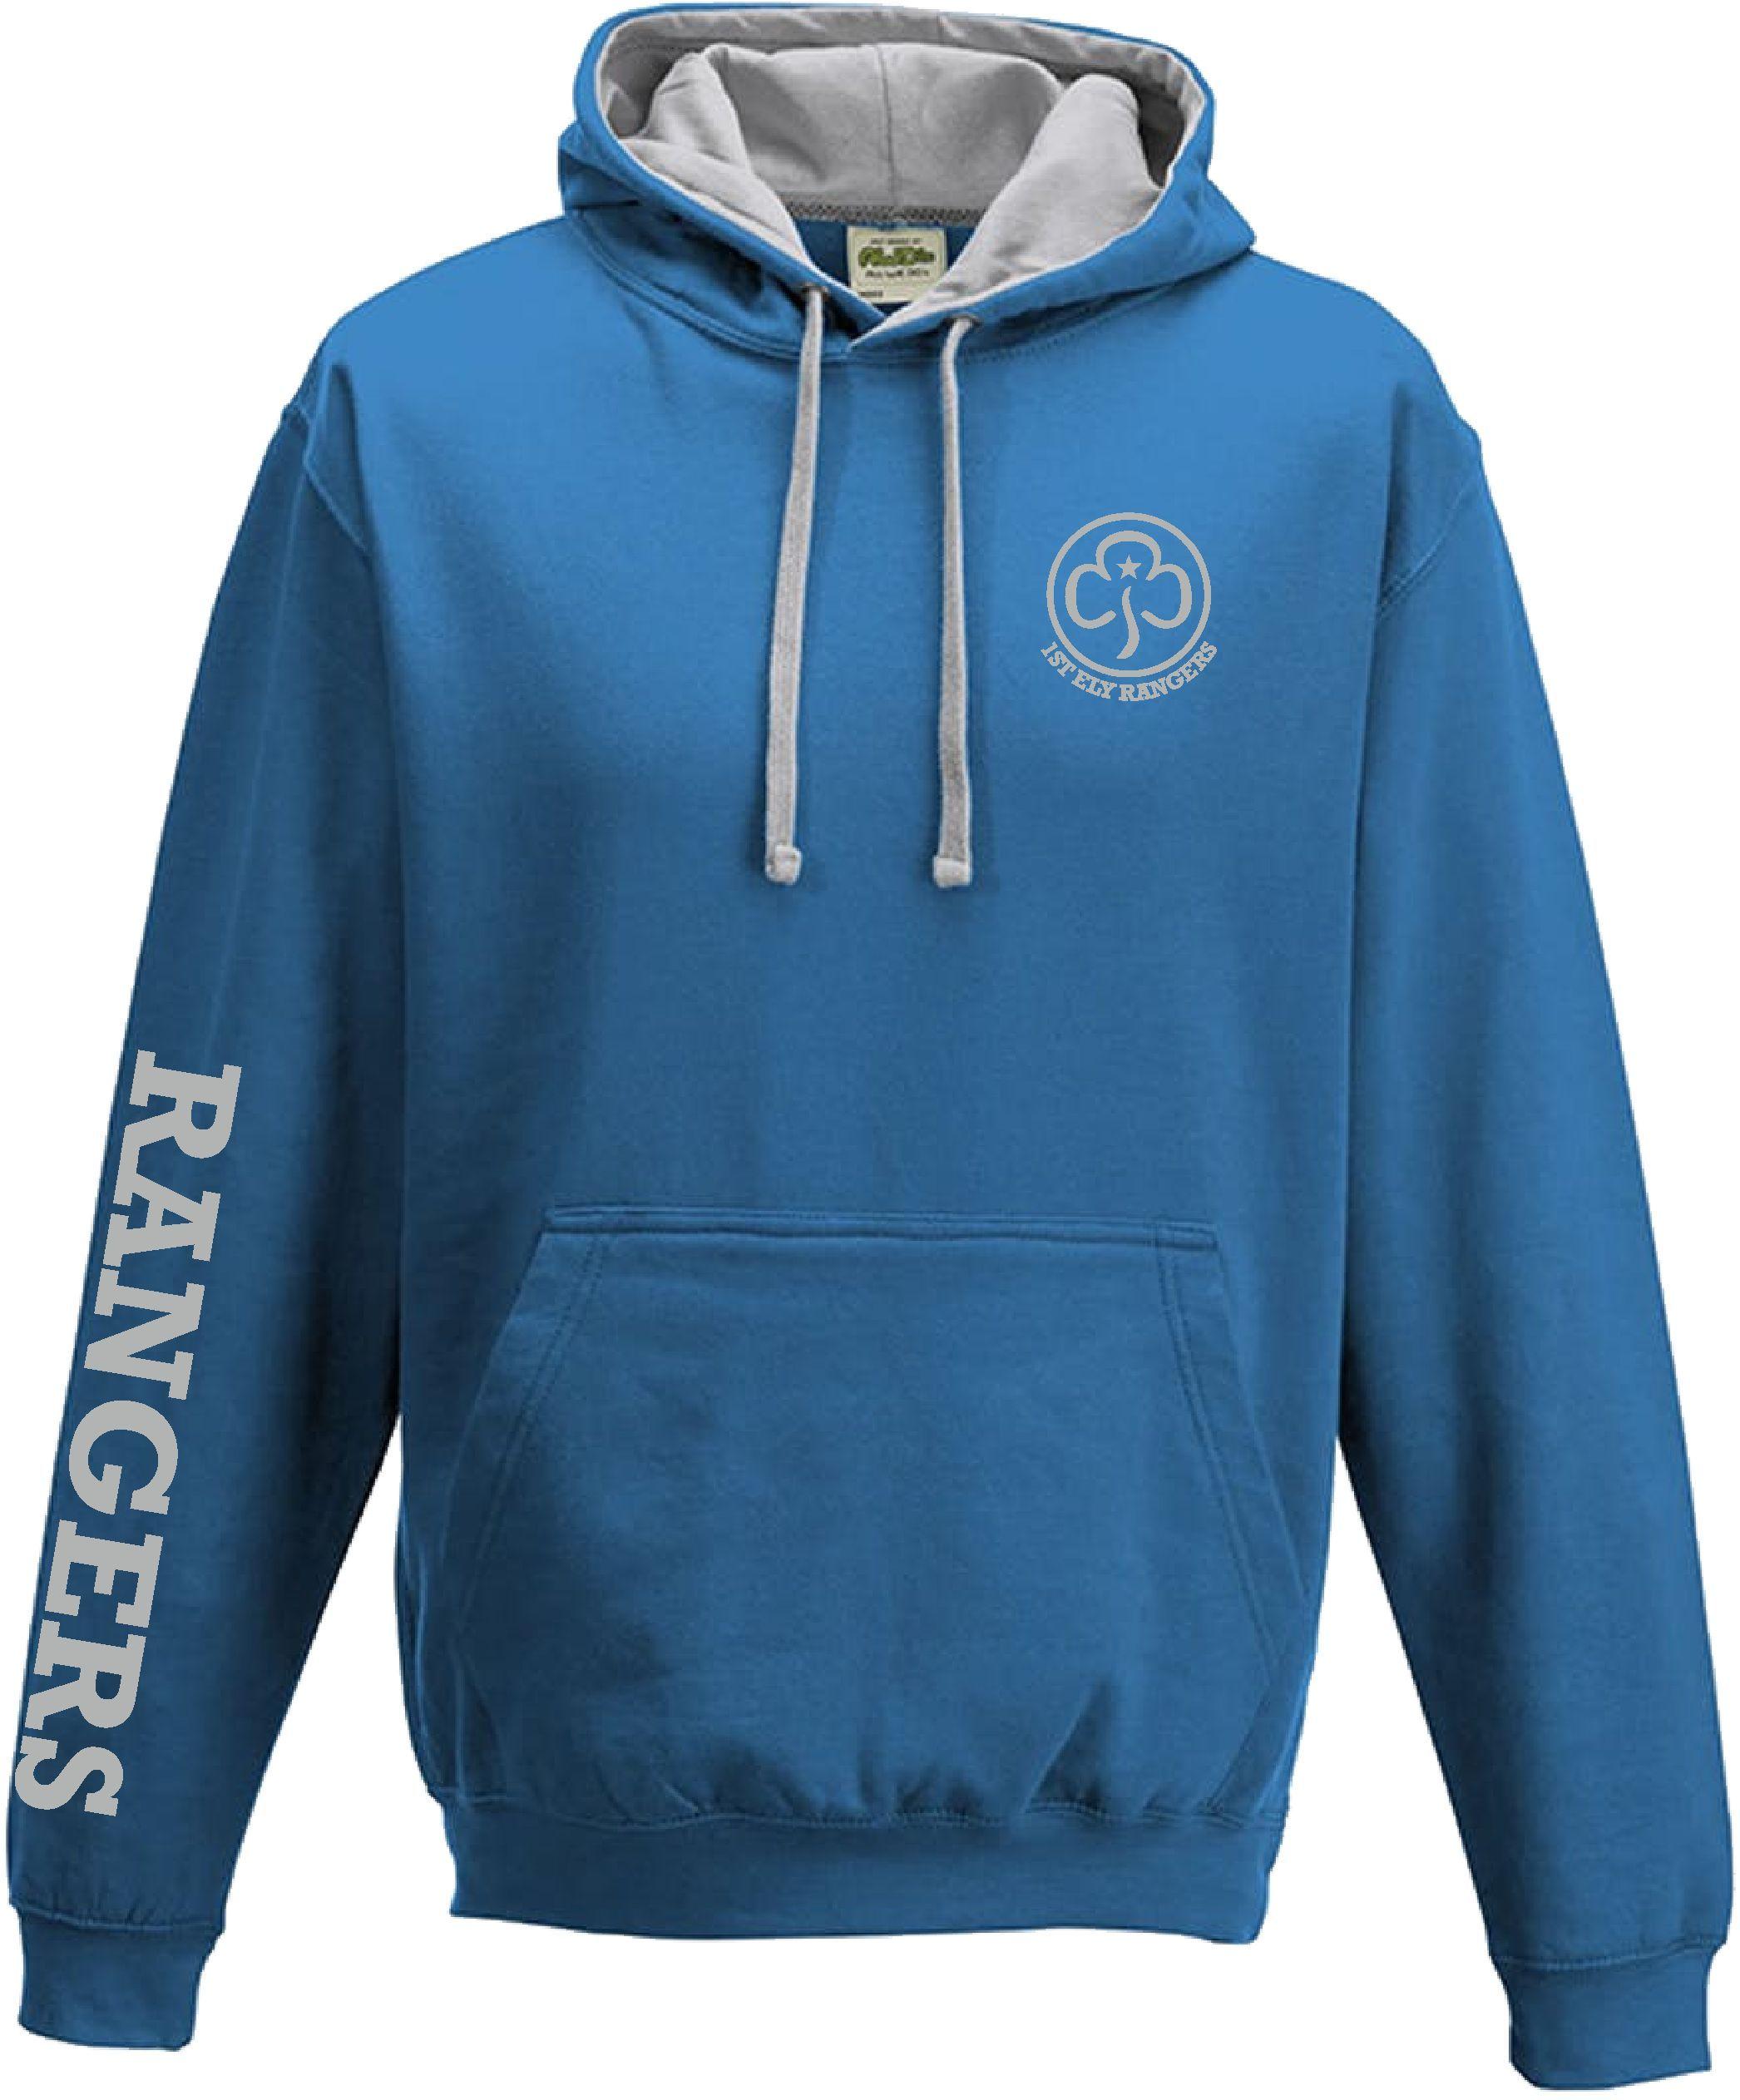 1st Ely Rangers - Hoodie (Unisex)